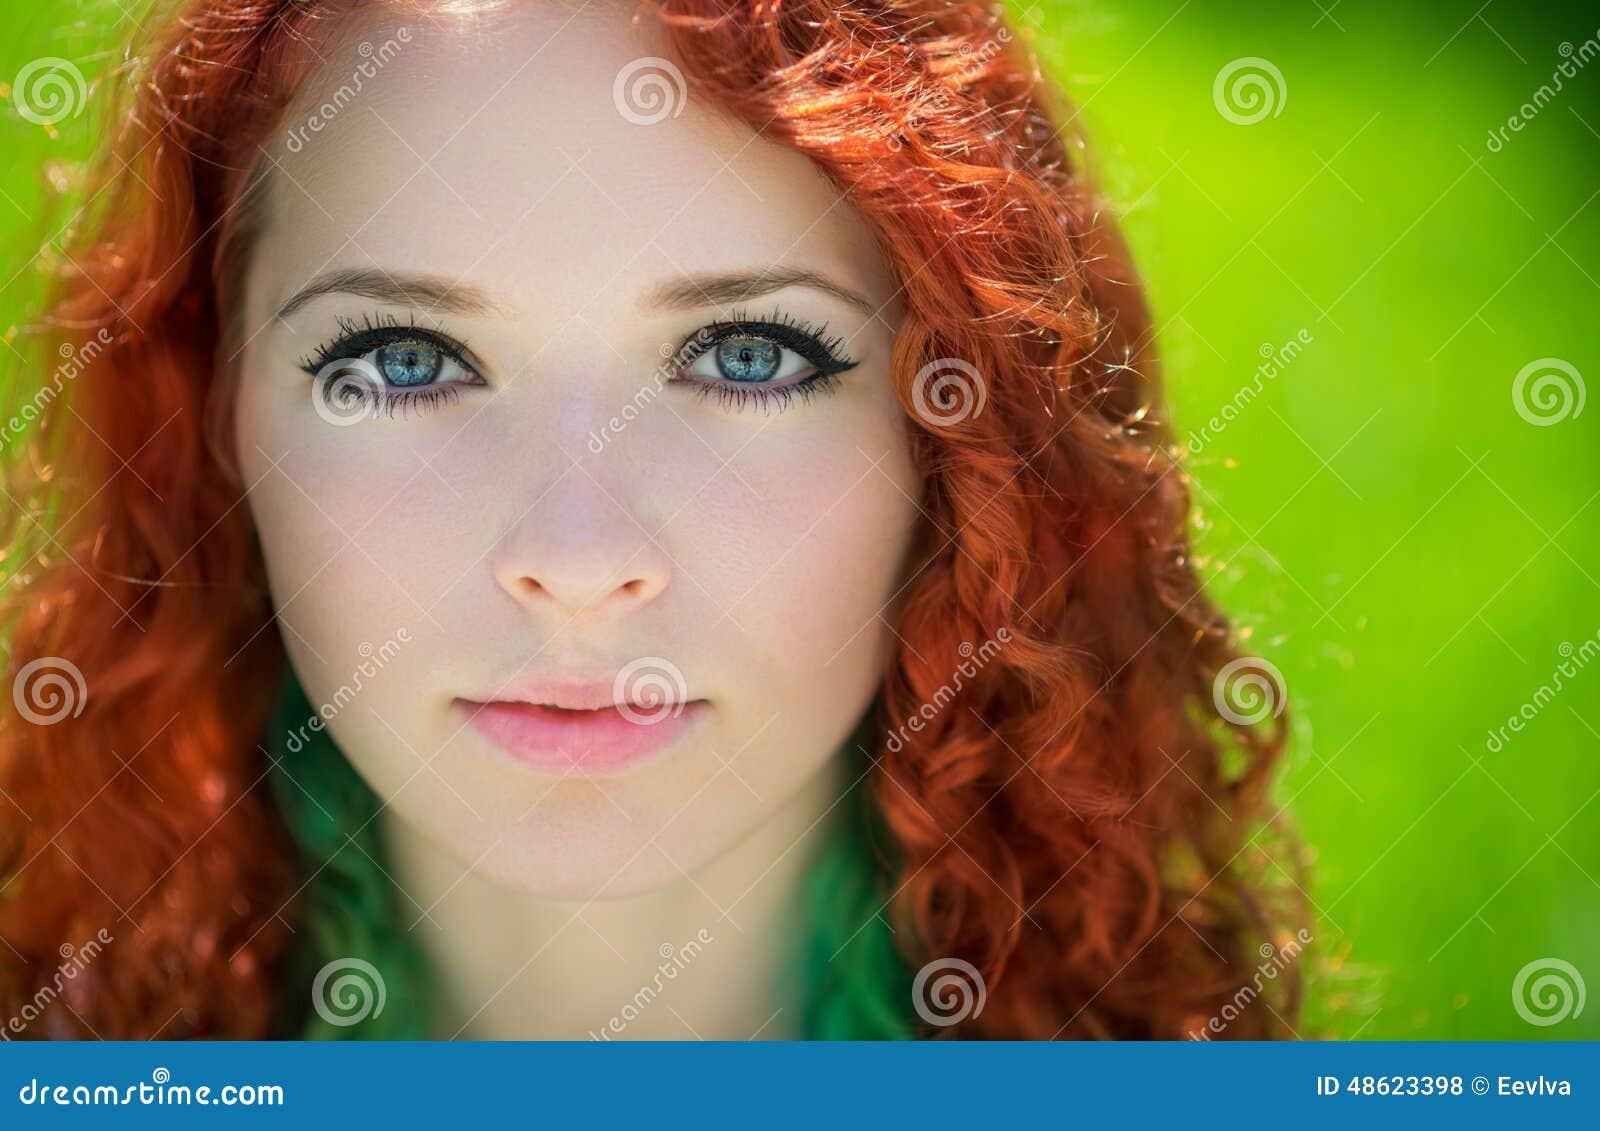 美丽的红头发人女孩面孔特写镜头.图片